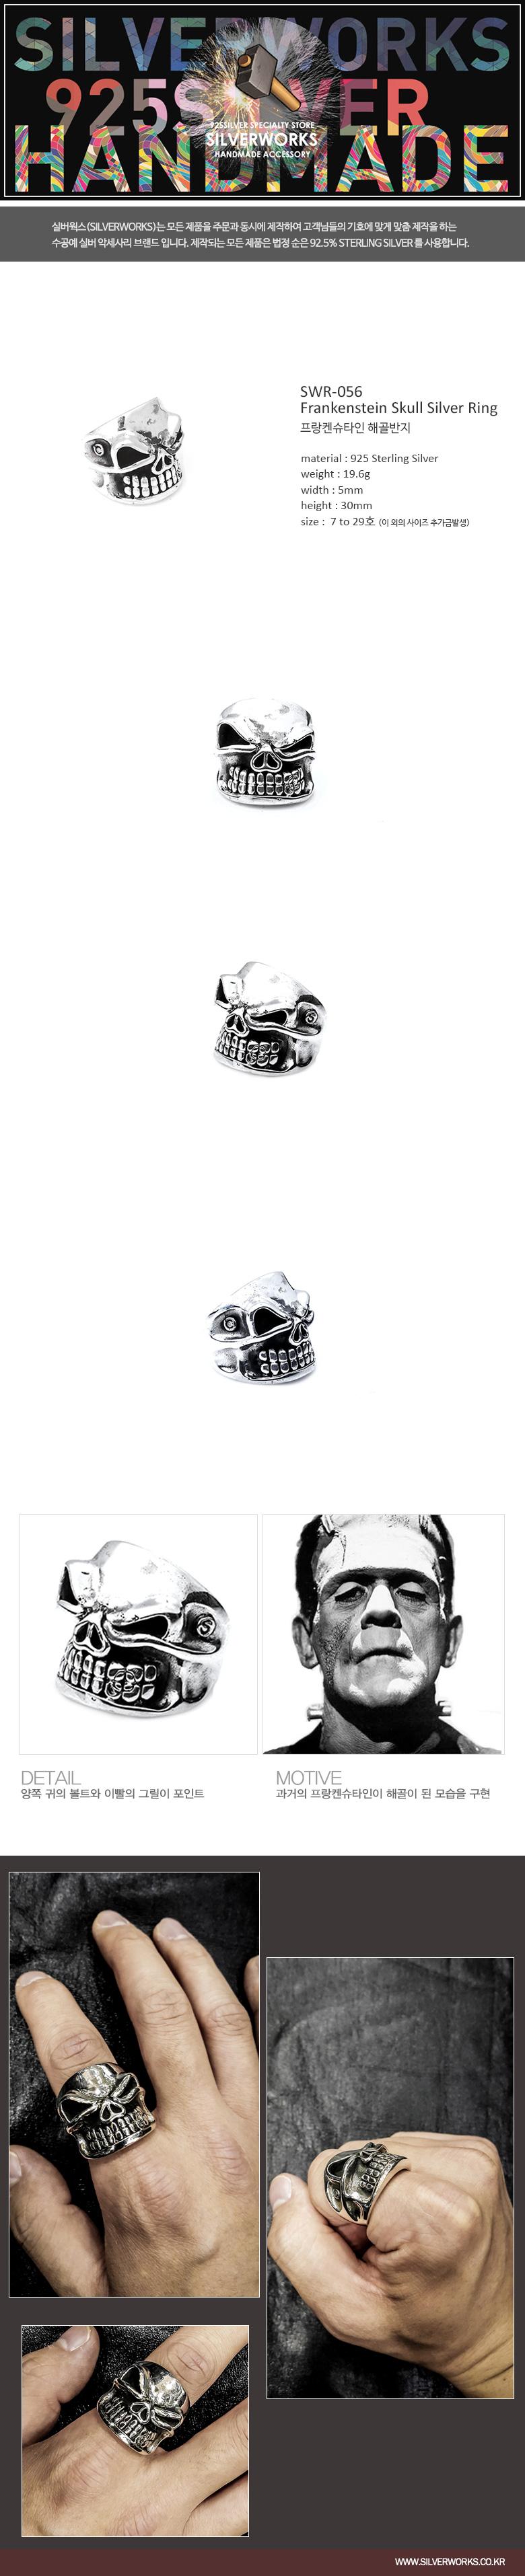 프랑켄슈타인은반지 Frankenstein SWR-056 - 실버웍스, 129,000원, 남성주얼리, 반지